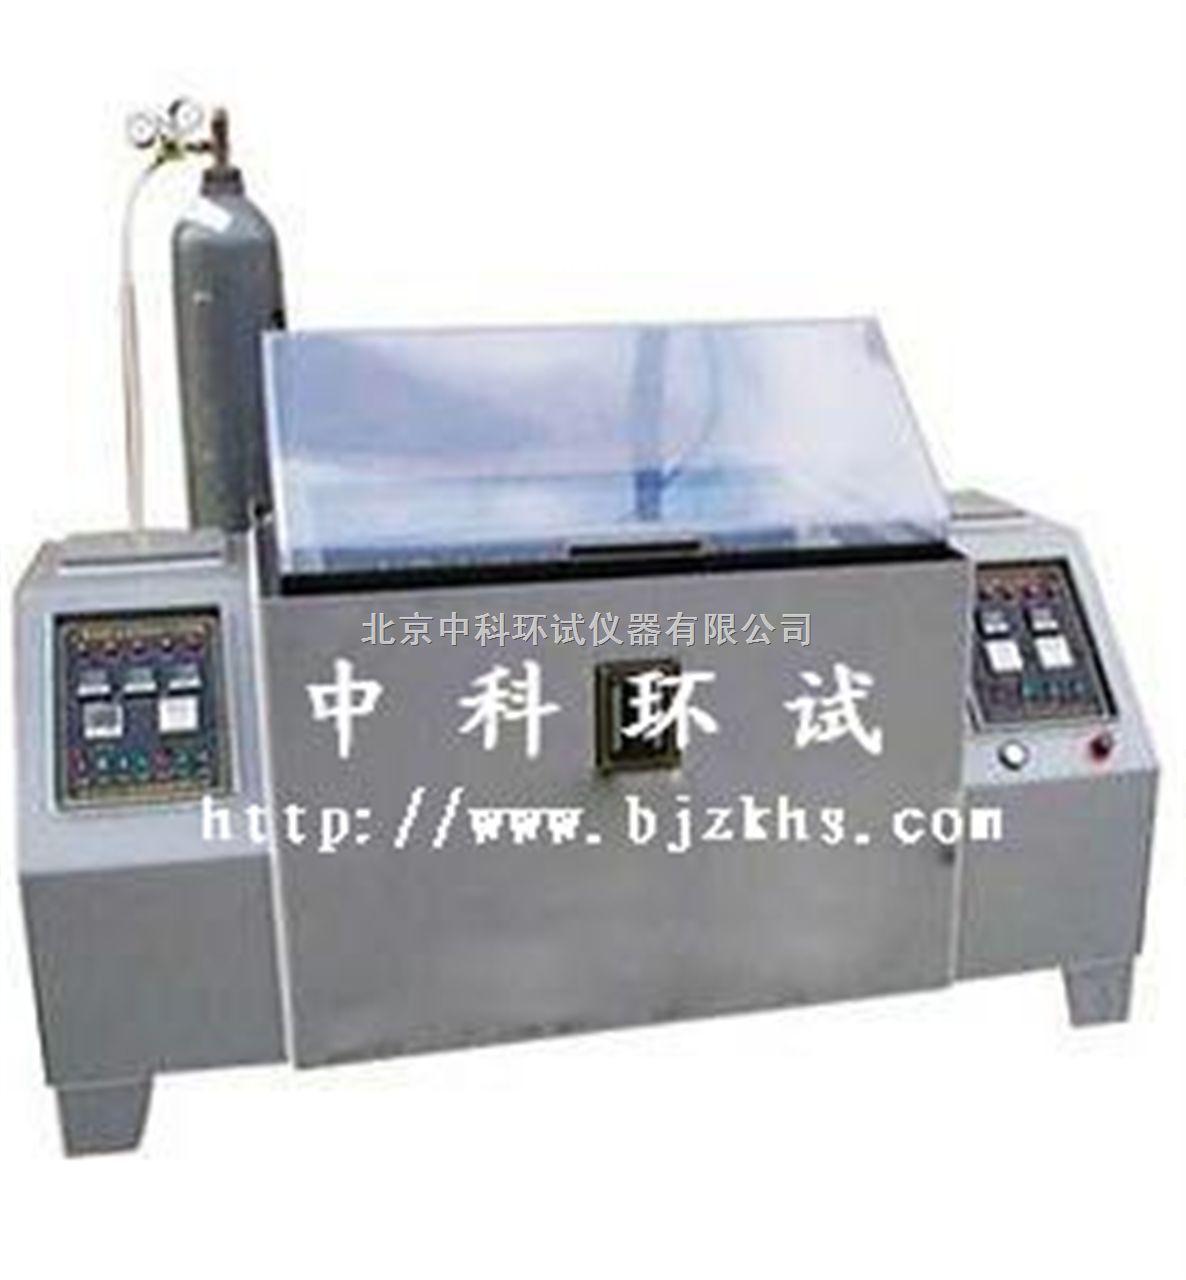 成都二氧化硫腐蚀试验箱/西安硫化氢检测仪器/沈阳SO2试验机价格